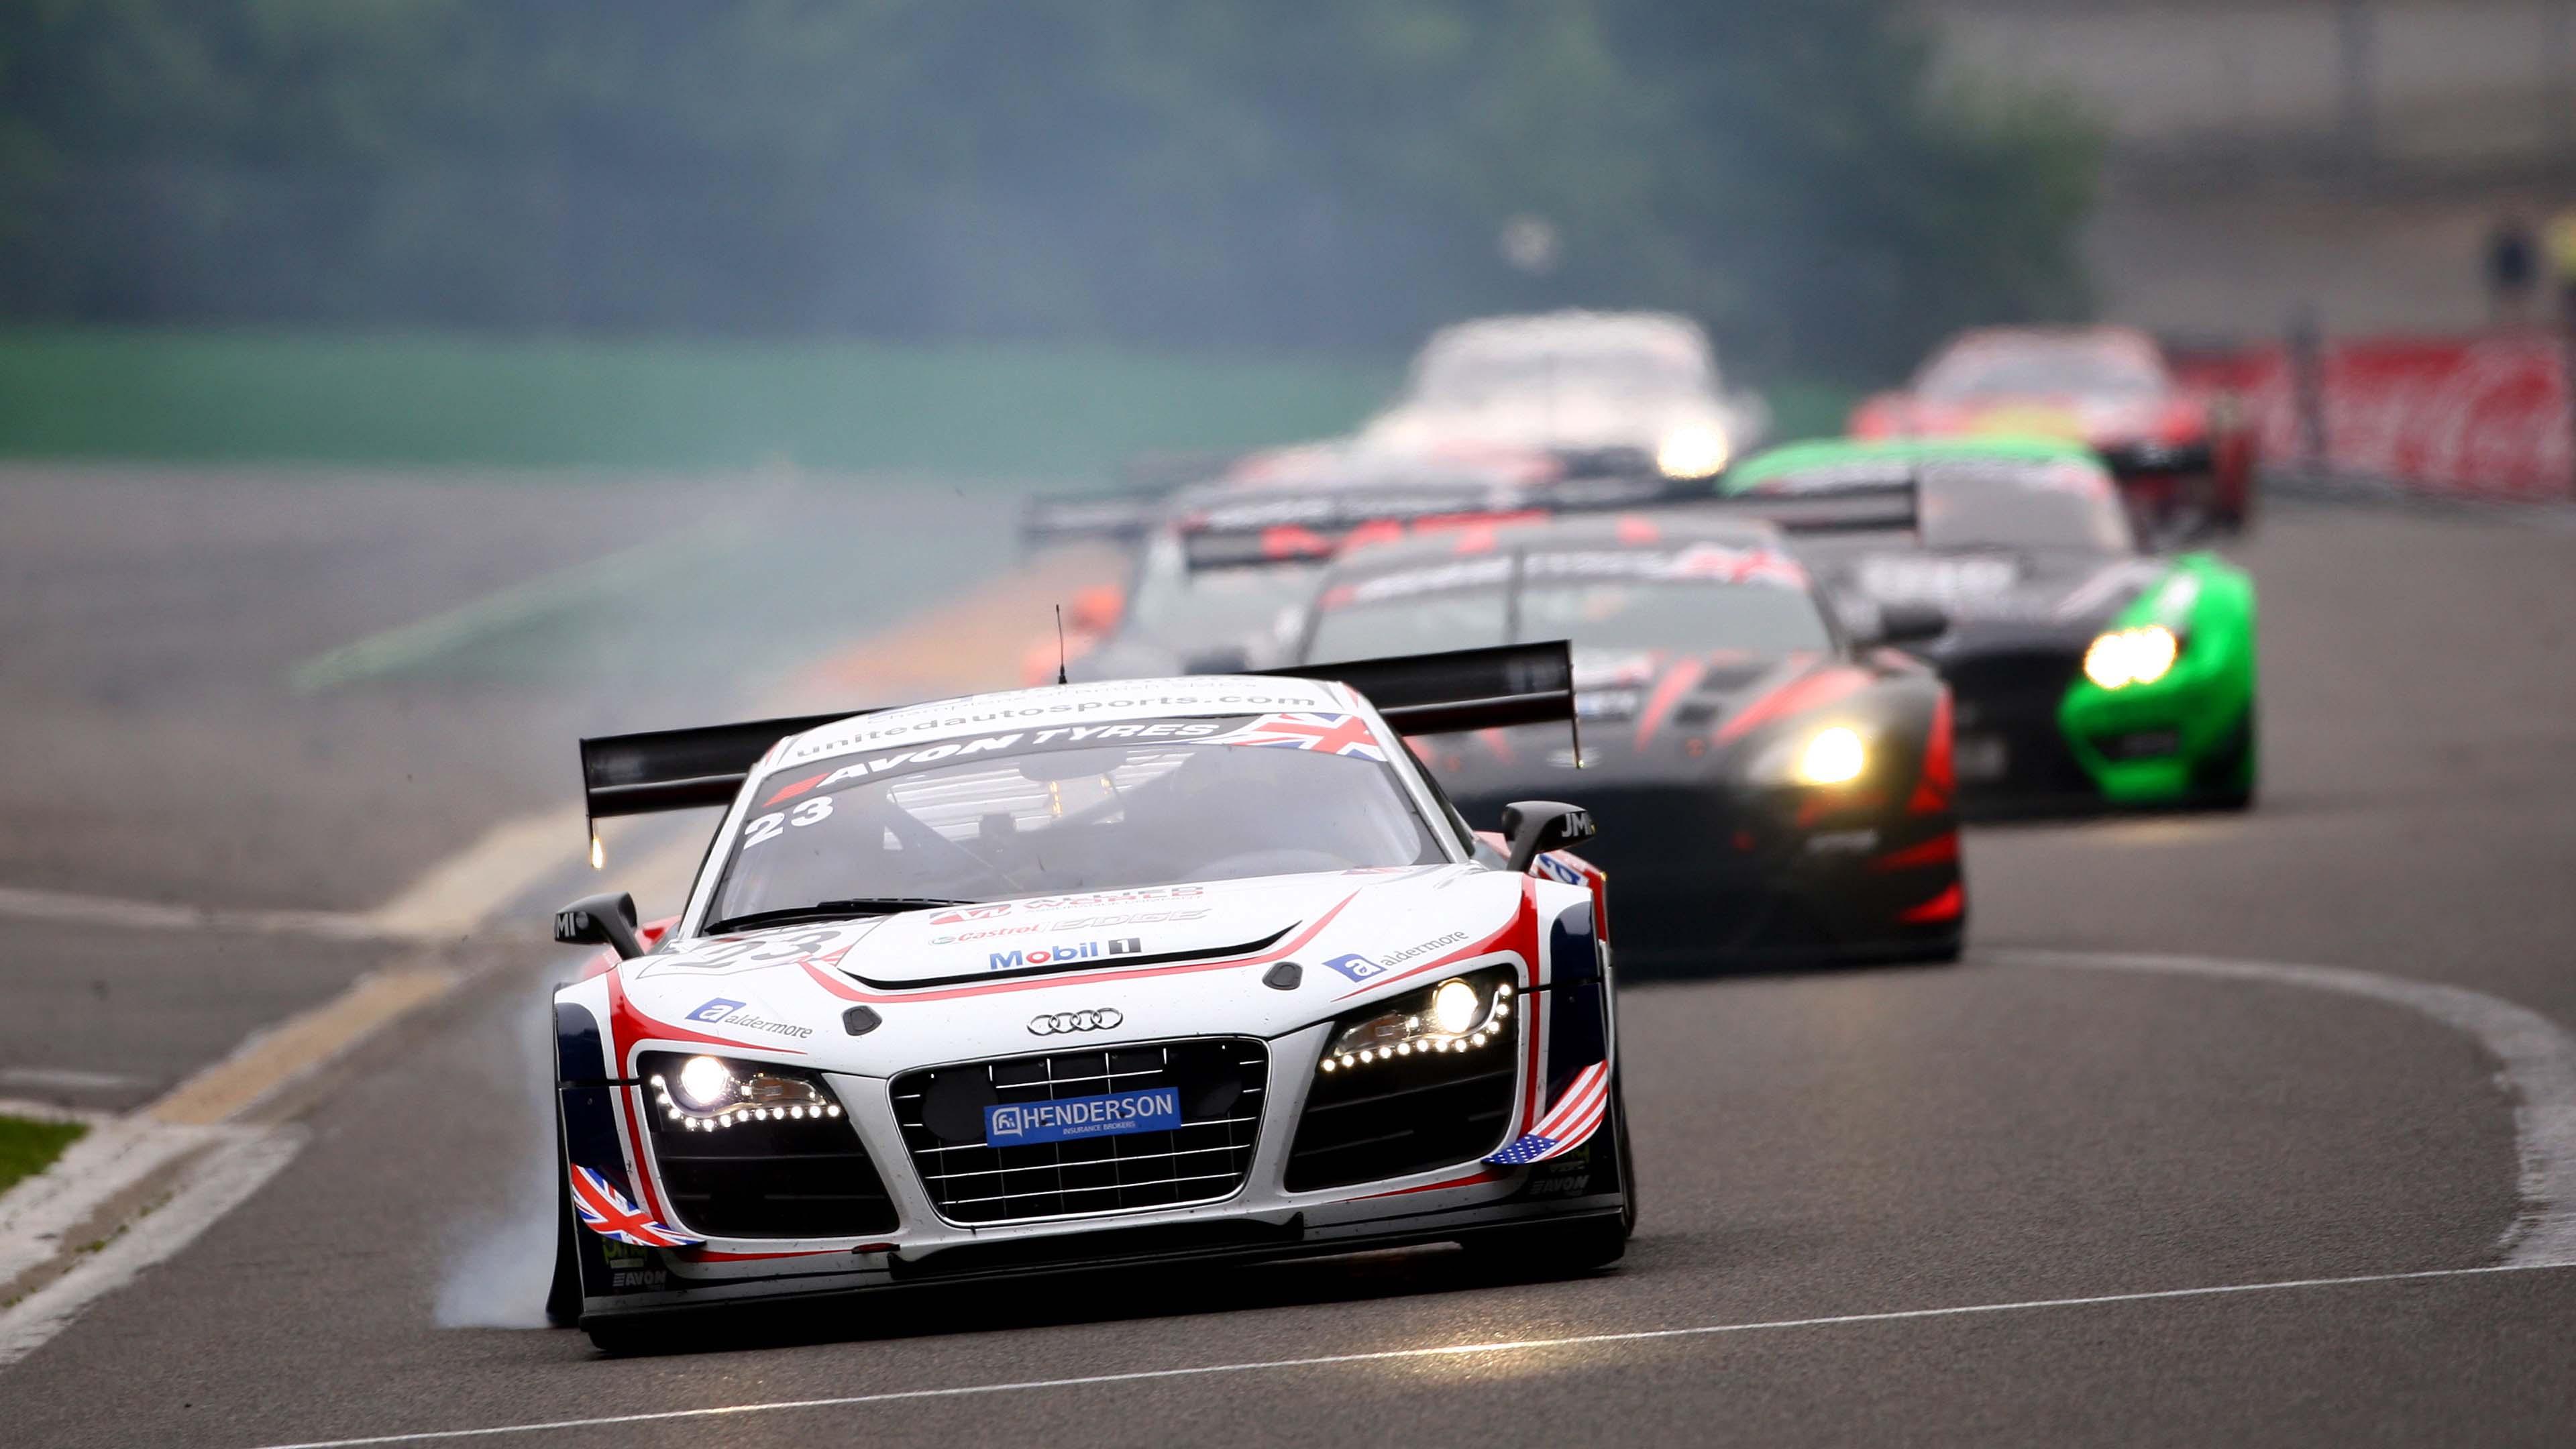 Audi Racing Wallpaper - WallpaperSafari Race 2 Wallpapers Hd